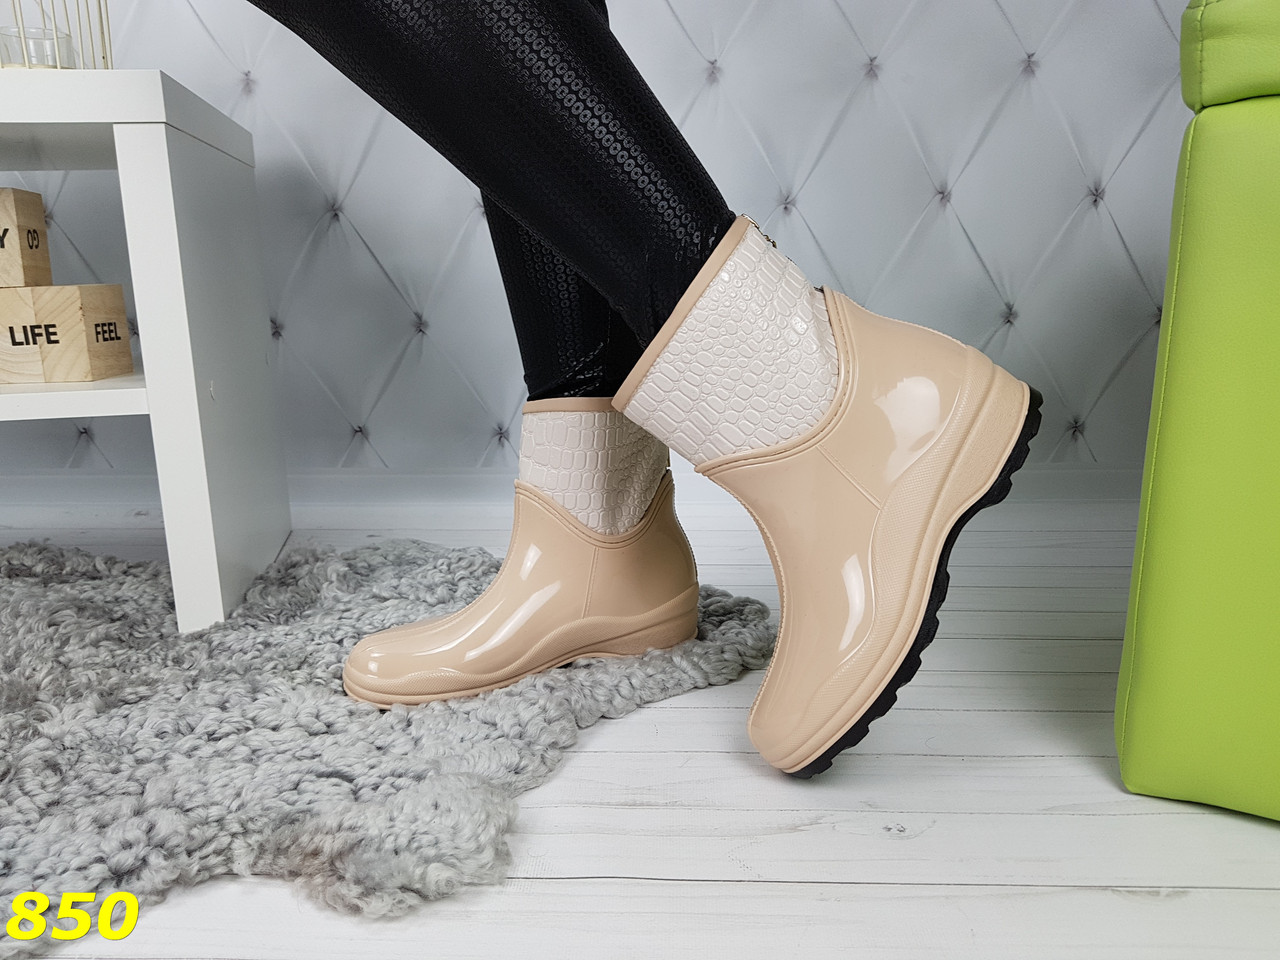 cb834d5bd Полусапожки Ботинки Резиновые Утепленные Непромокаемые Бежевые — в ...